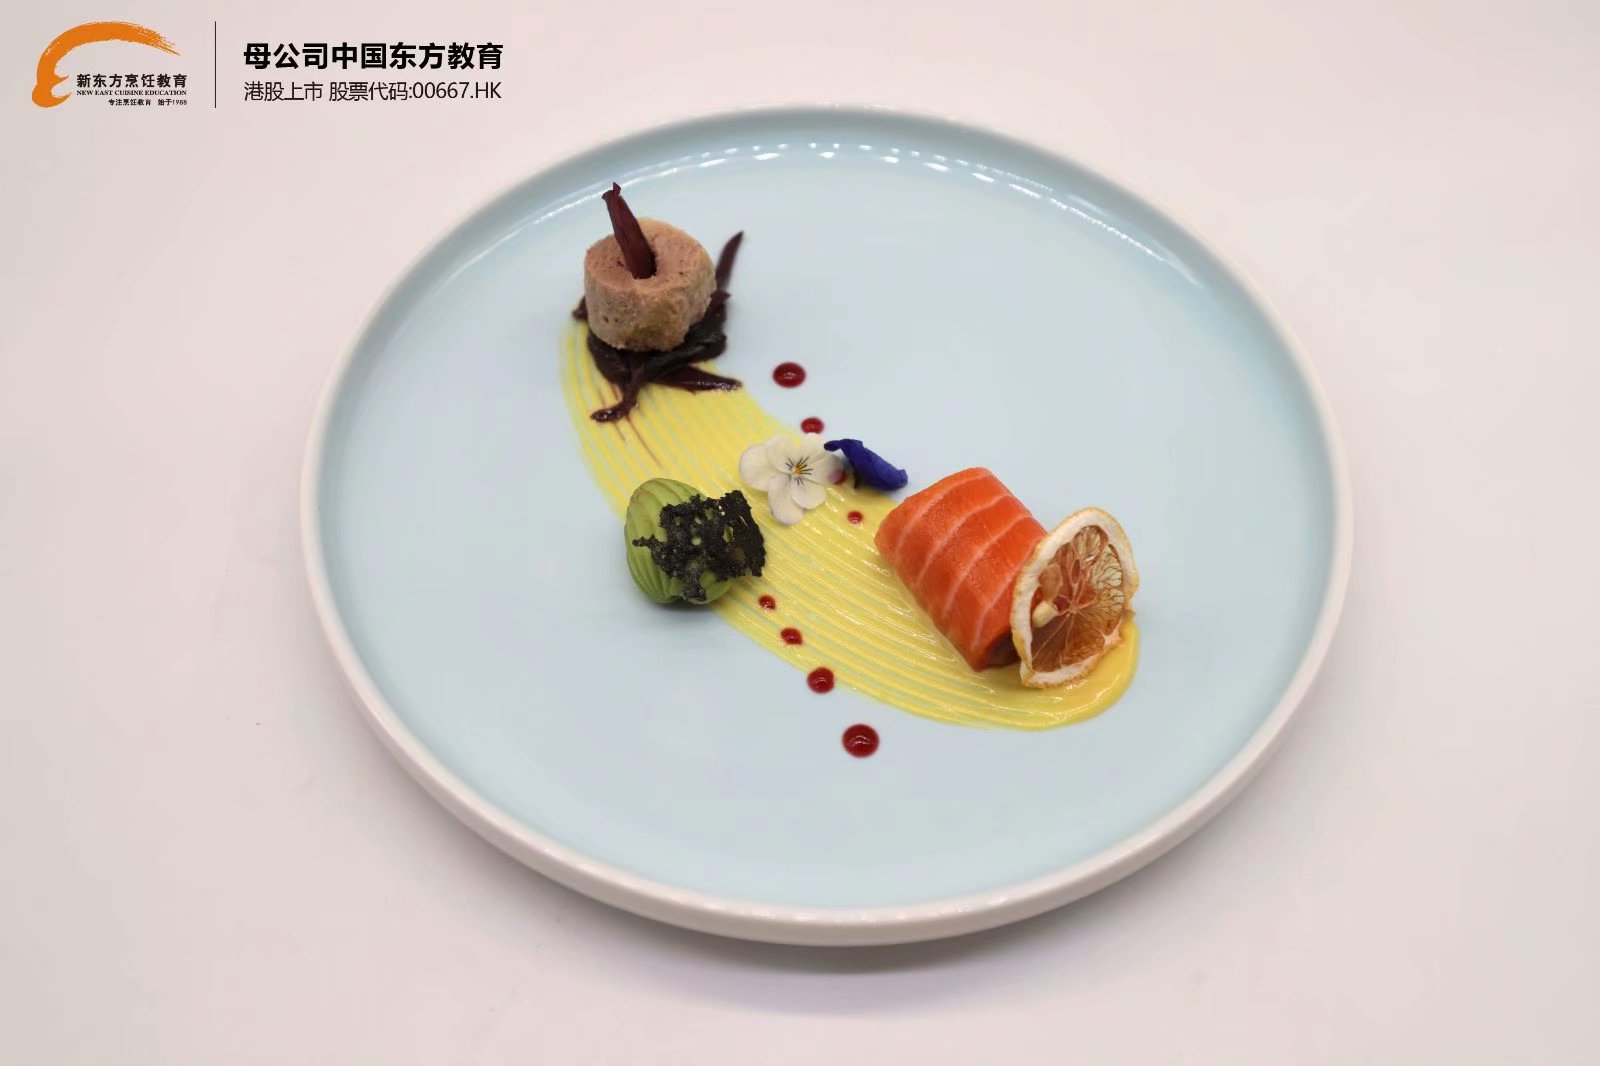 徐州新东方烹饪学校